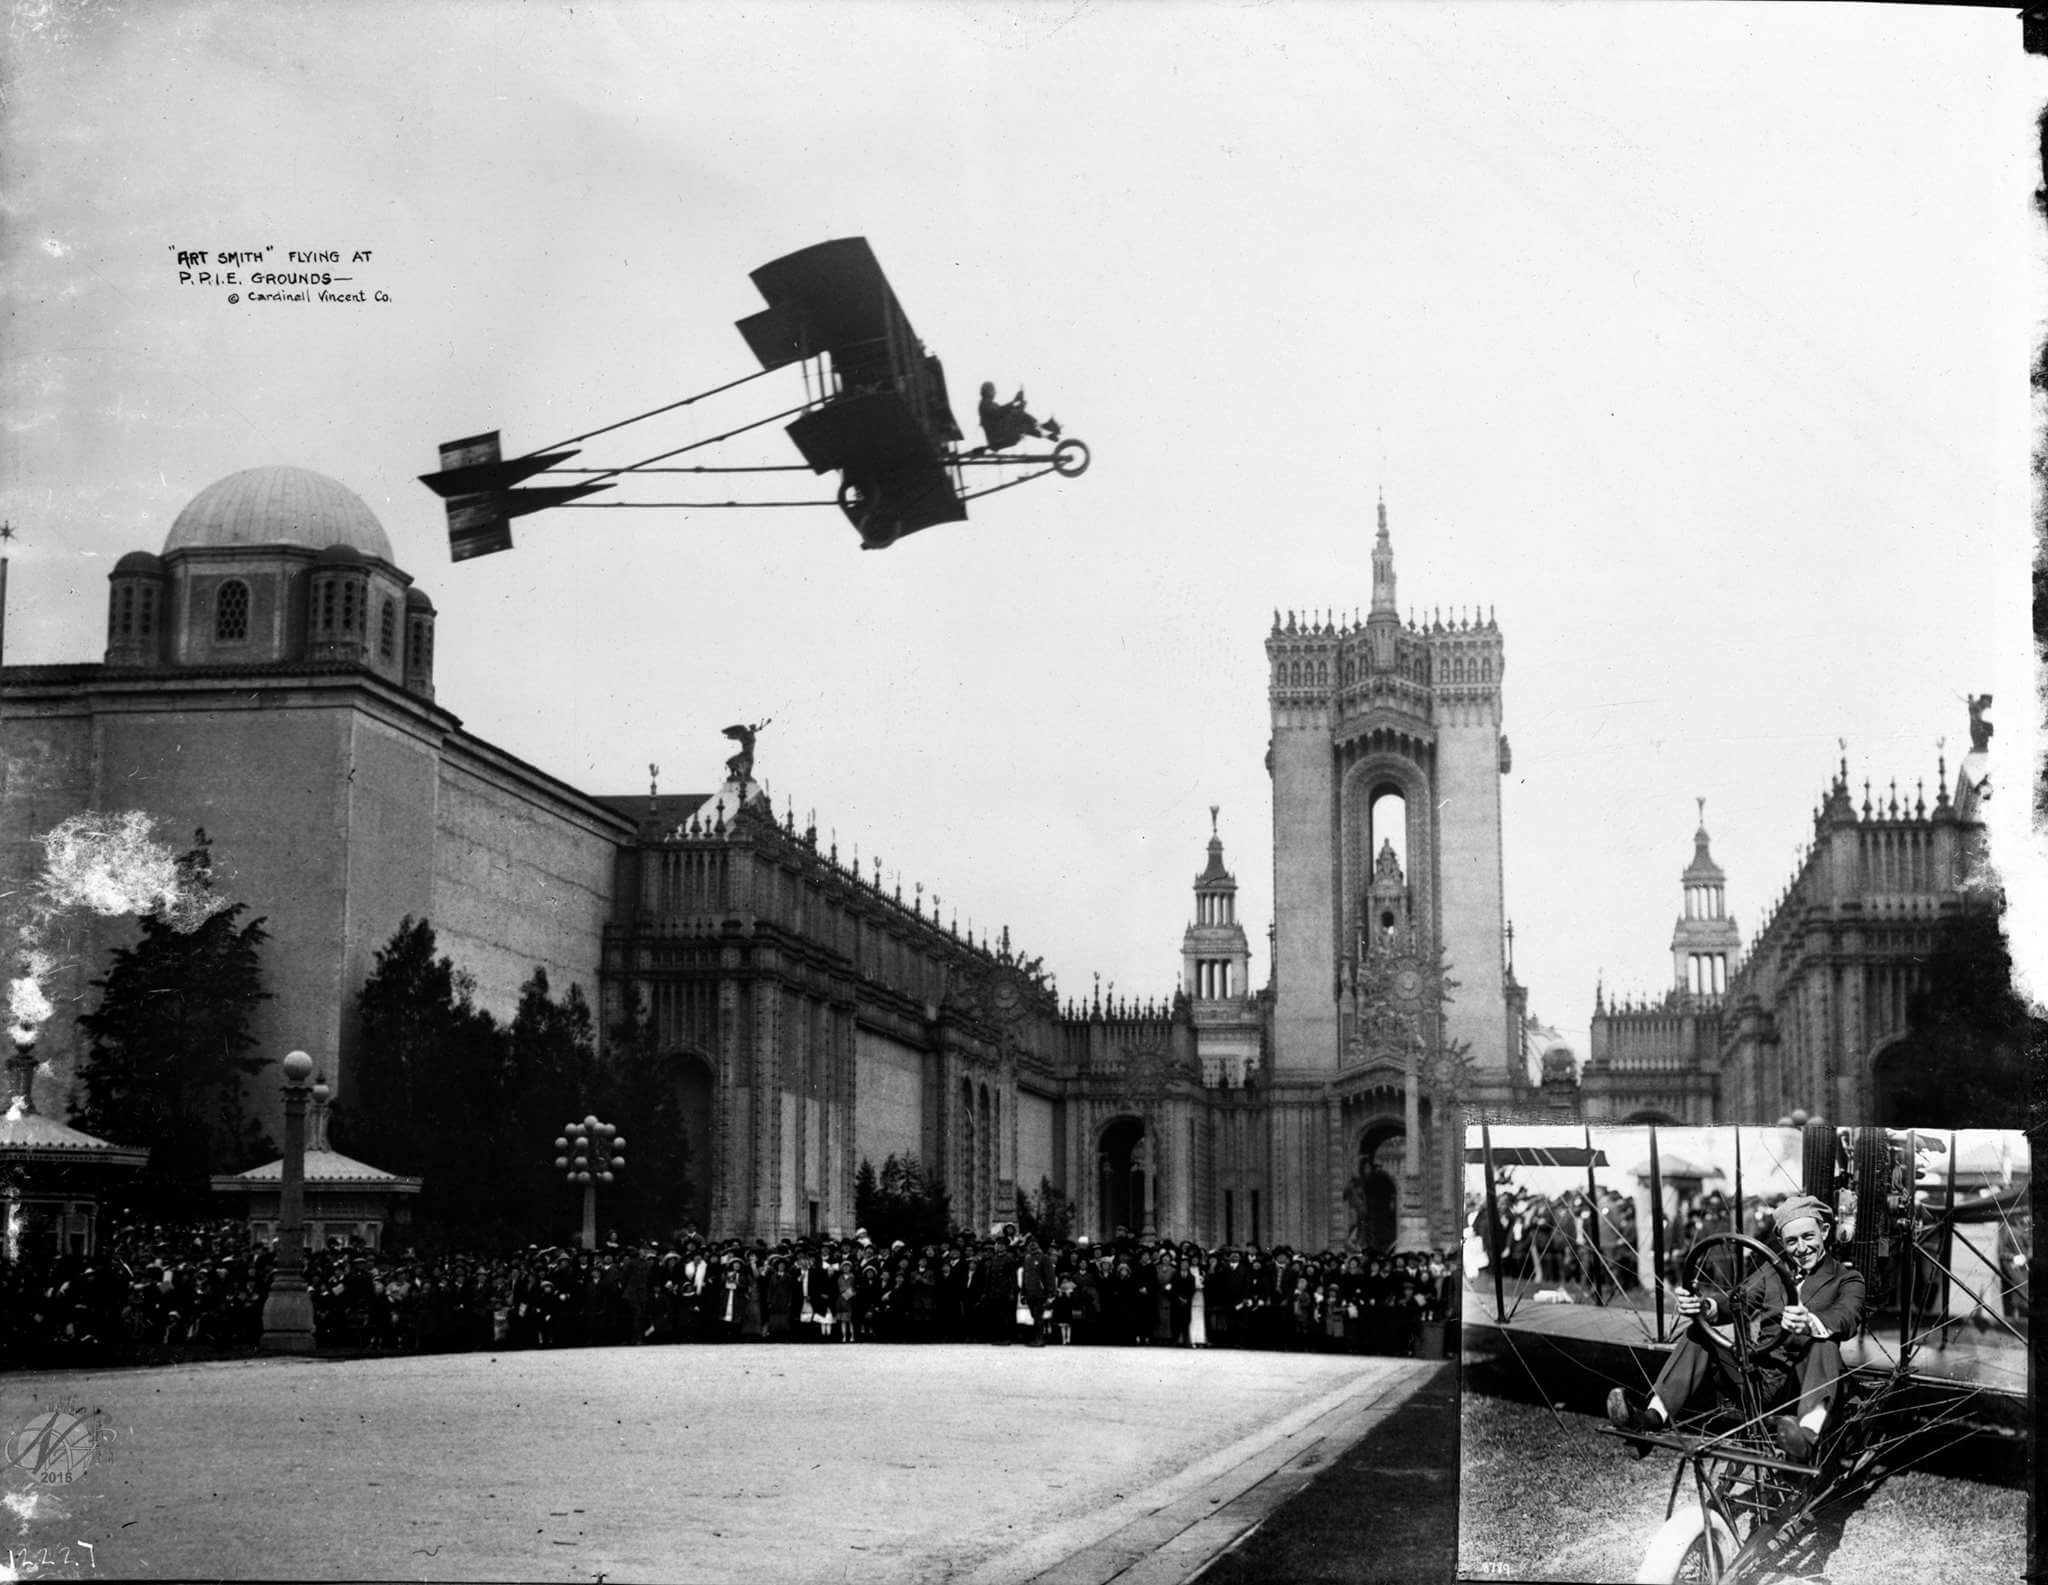 Art Smith flying beechy plane Court of Abundance.jpg